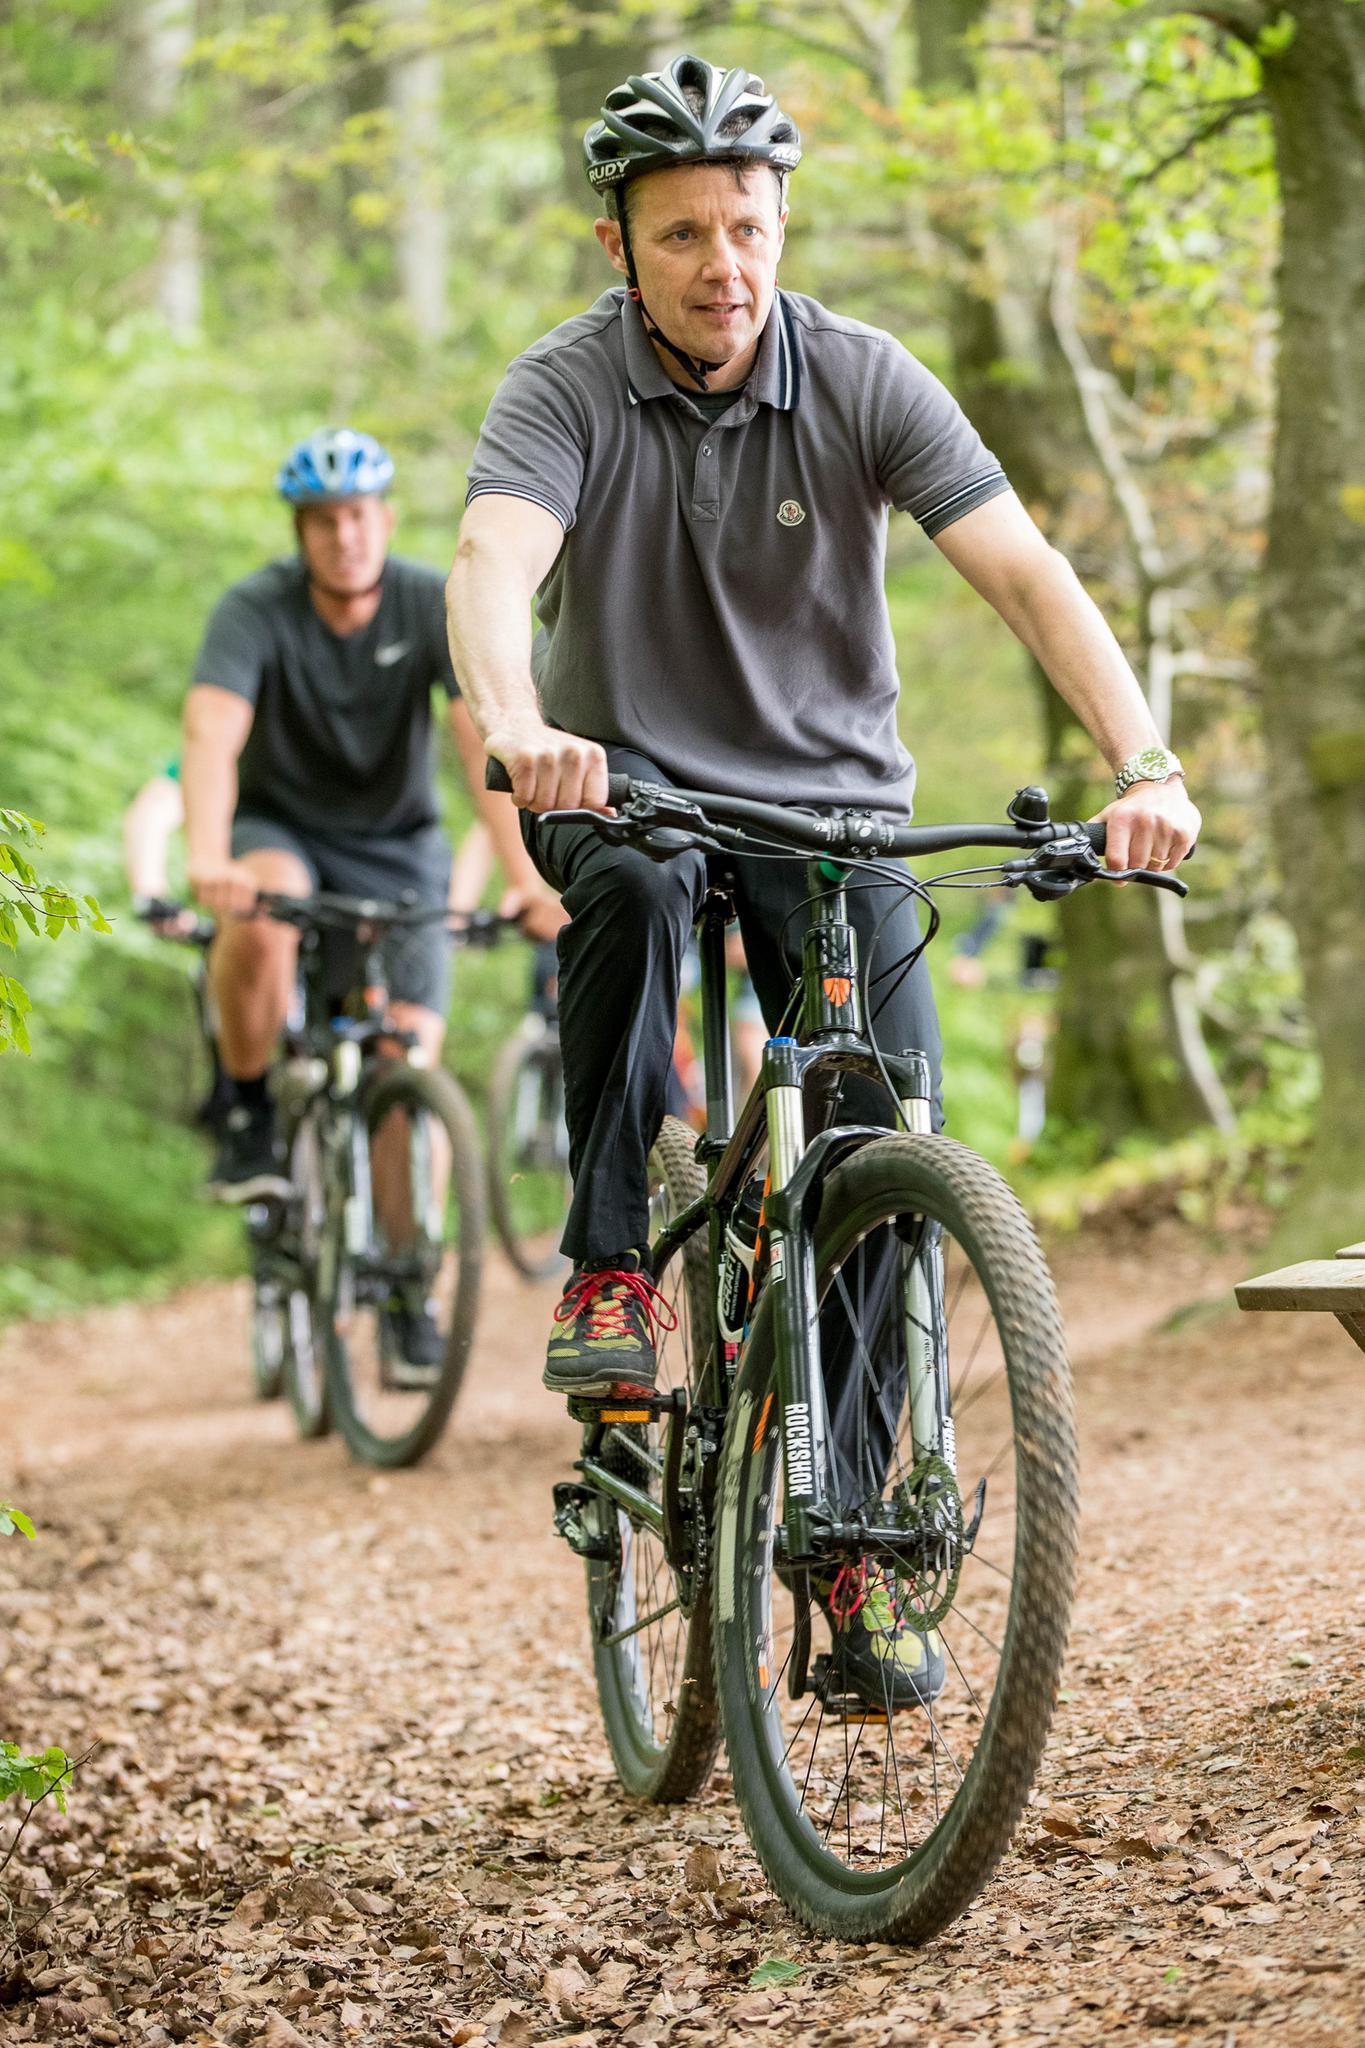 Sportlich, sportlich, Prinz Frederik: Auf dem Mountainbike macht der Däne eine gute Figur.